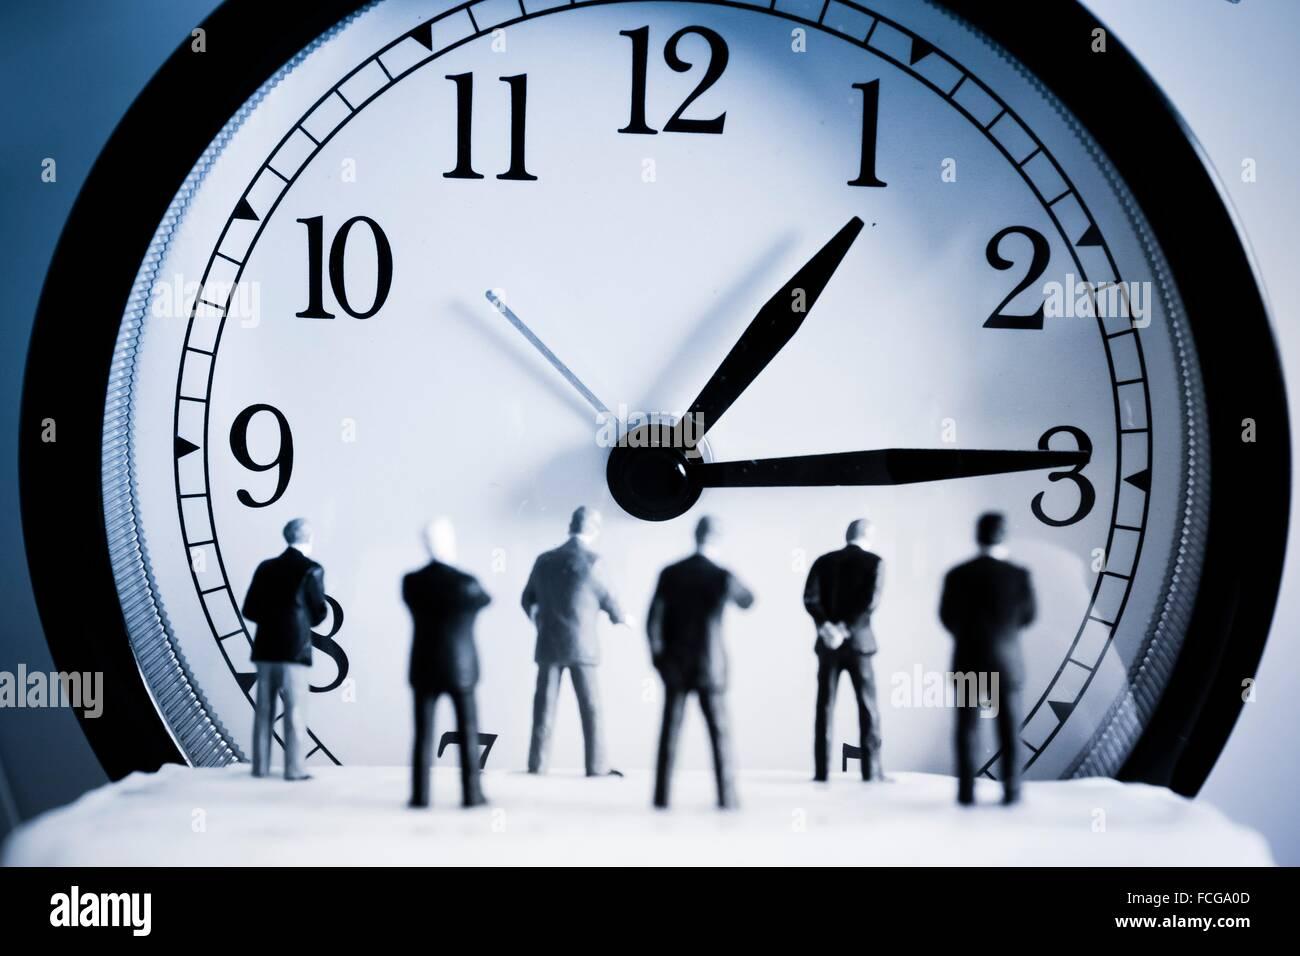 Concetto di tempo. Gli uomini indietro di fronte a un orologio. Immagini Stock